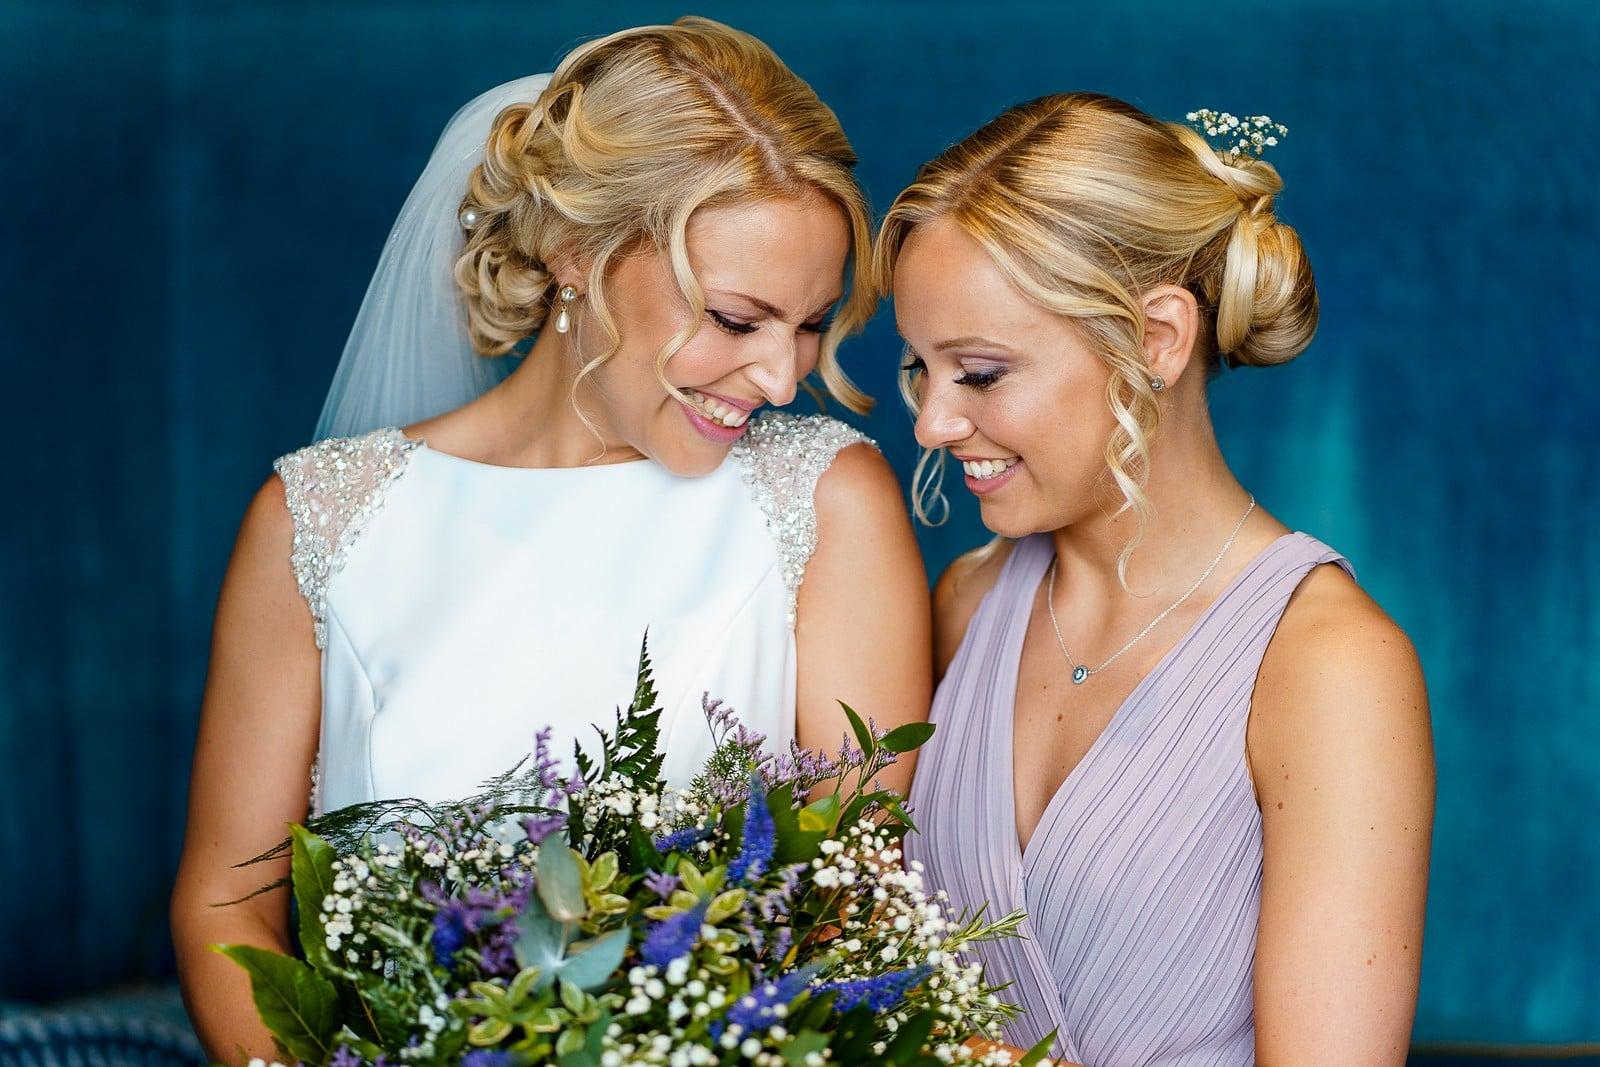 Bride and sister at a wedding at the Greenbank Hotel